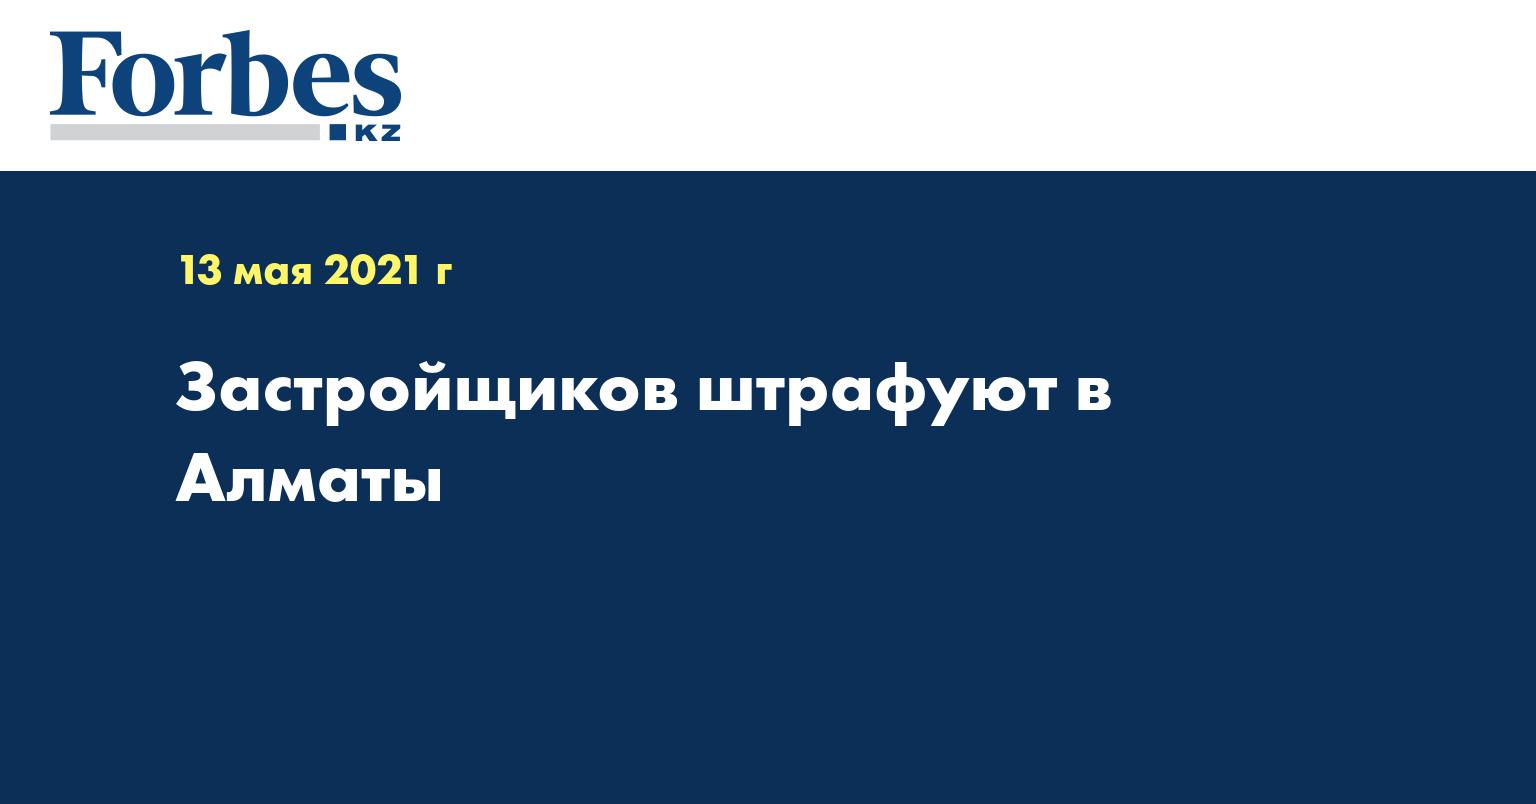 Застройщиков штрафуют в Алматы